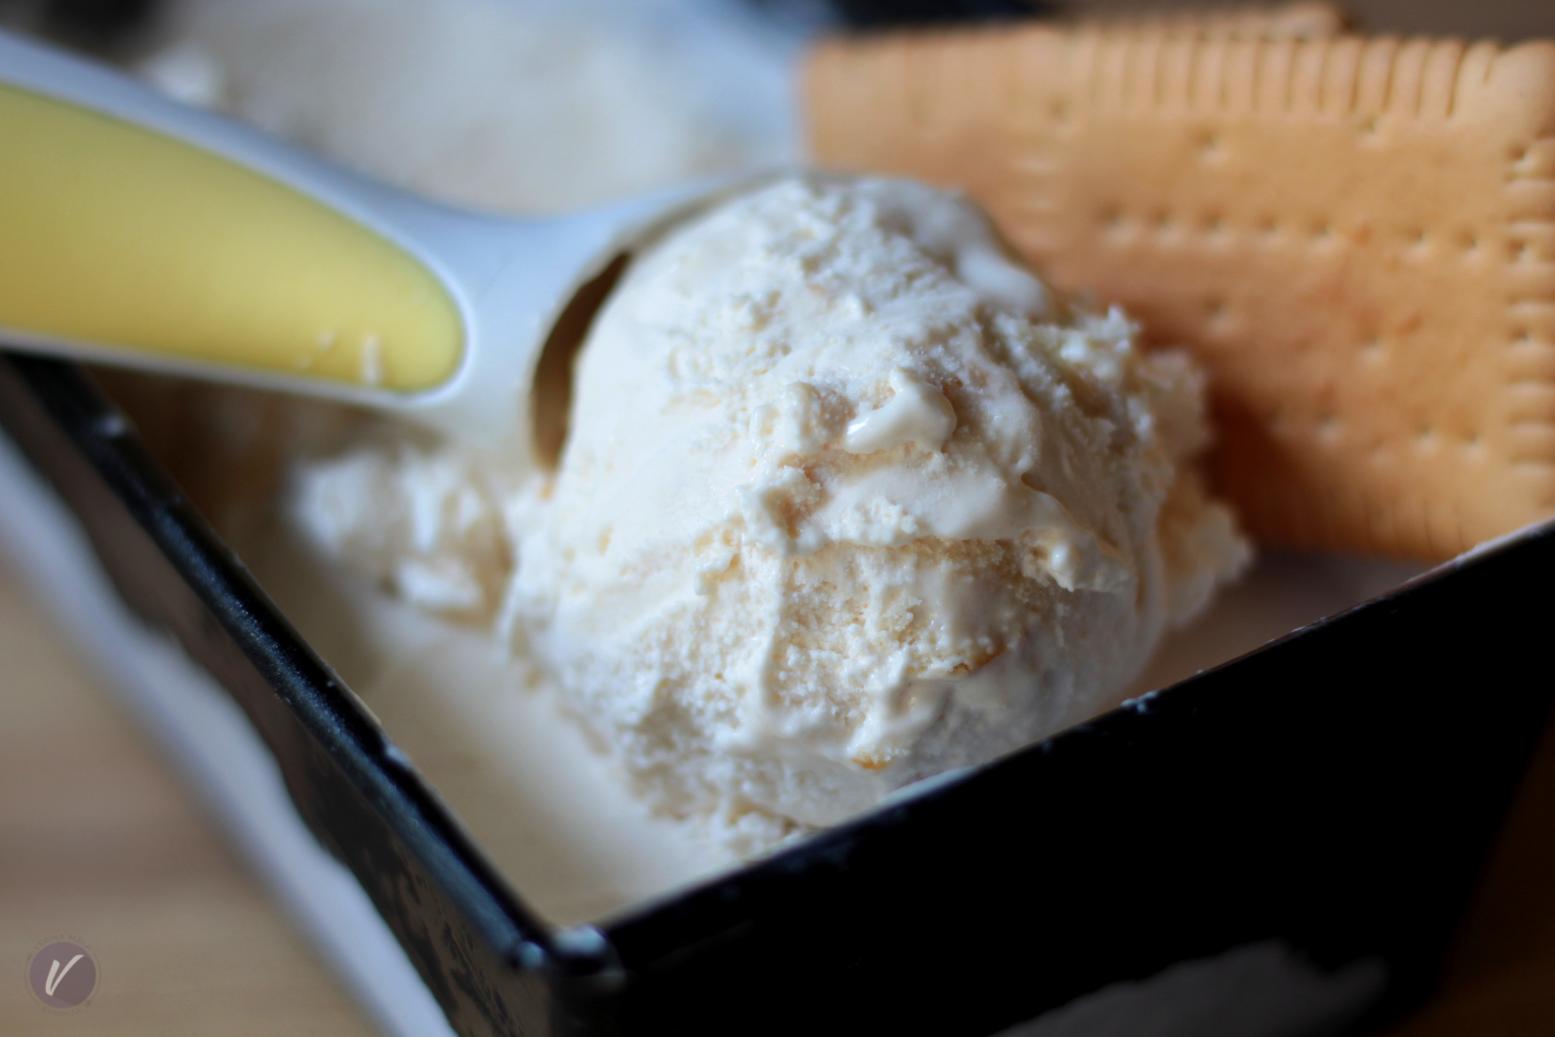 Kremasti sladoled sa kiselom pavlakom